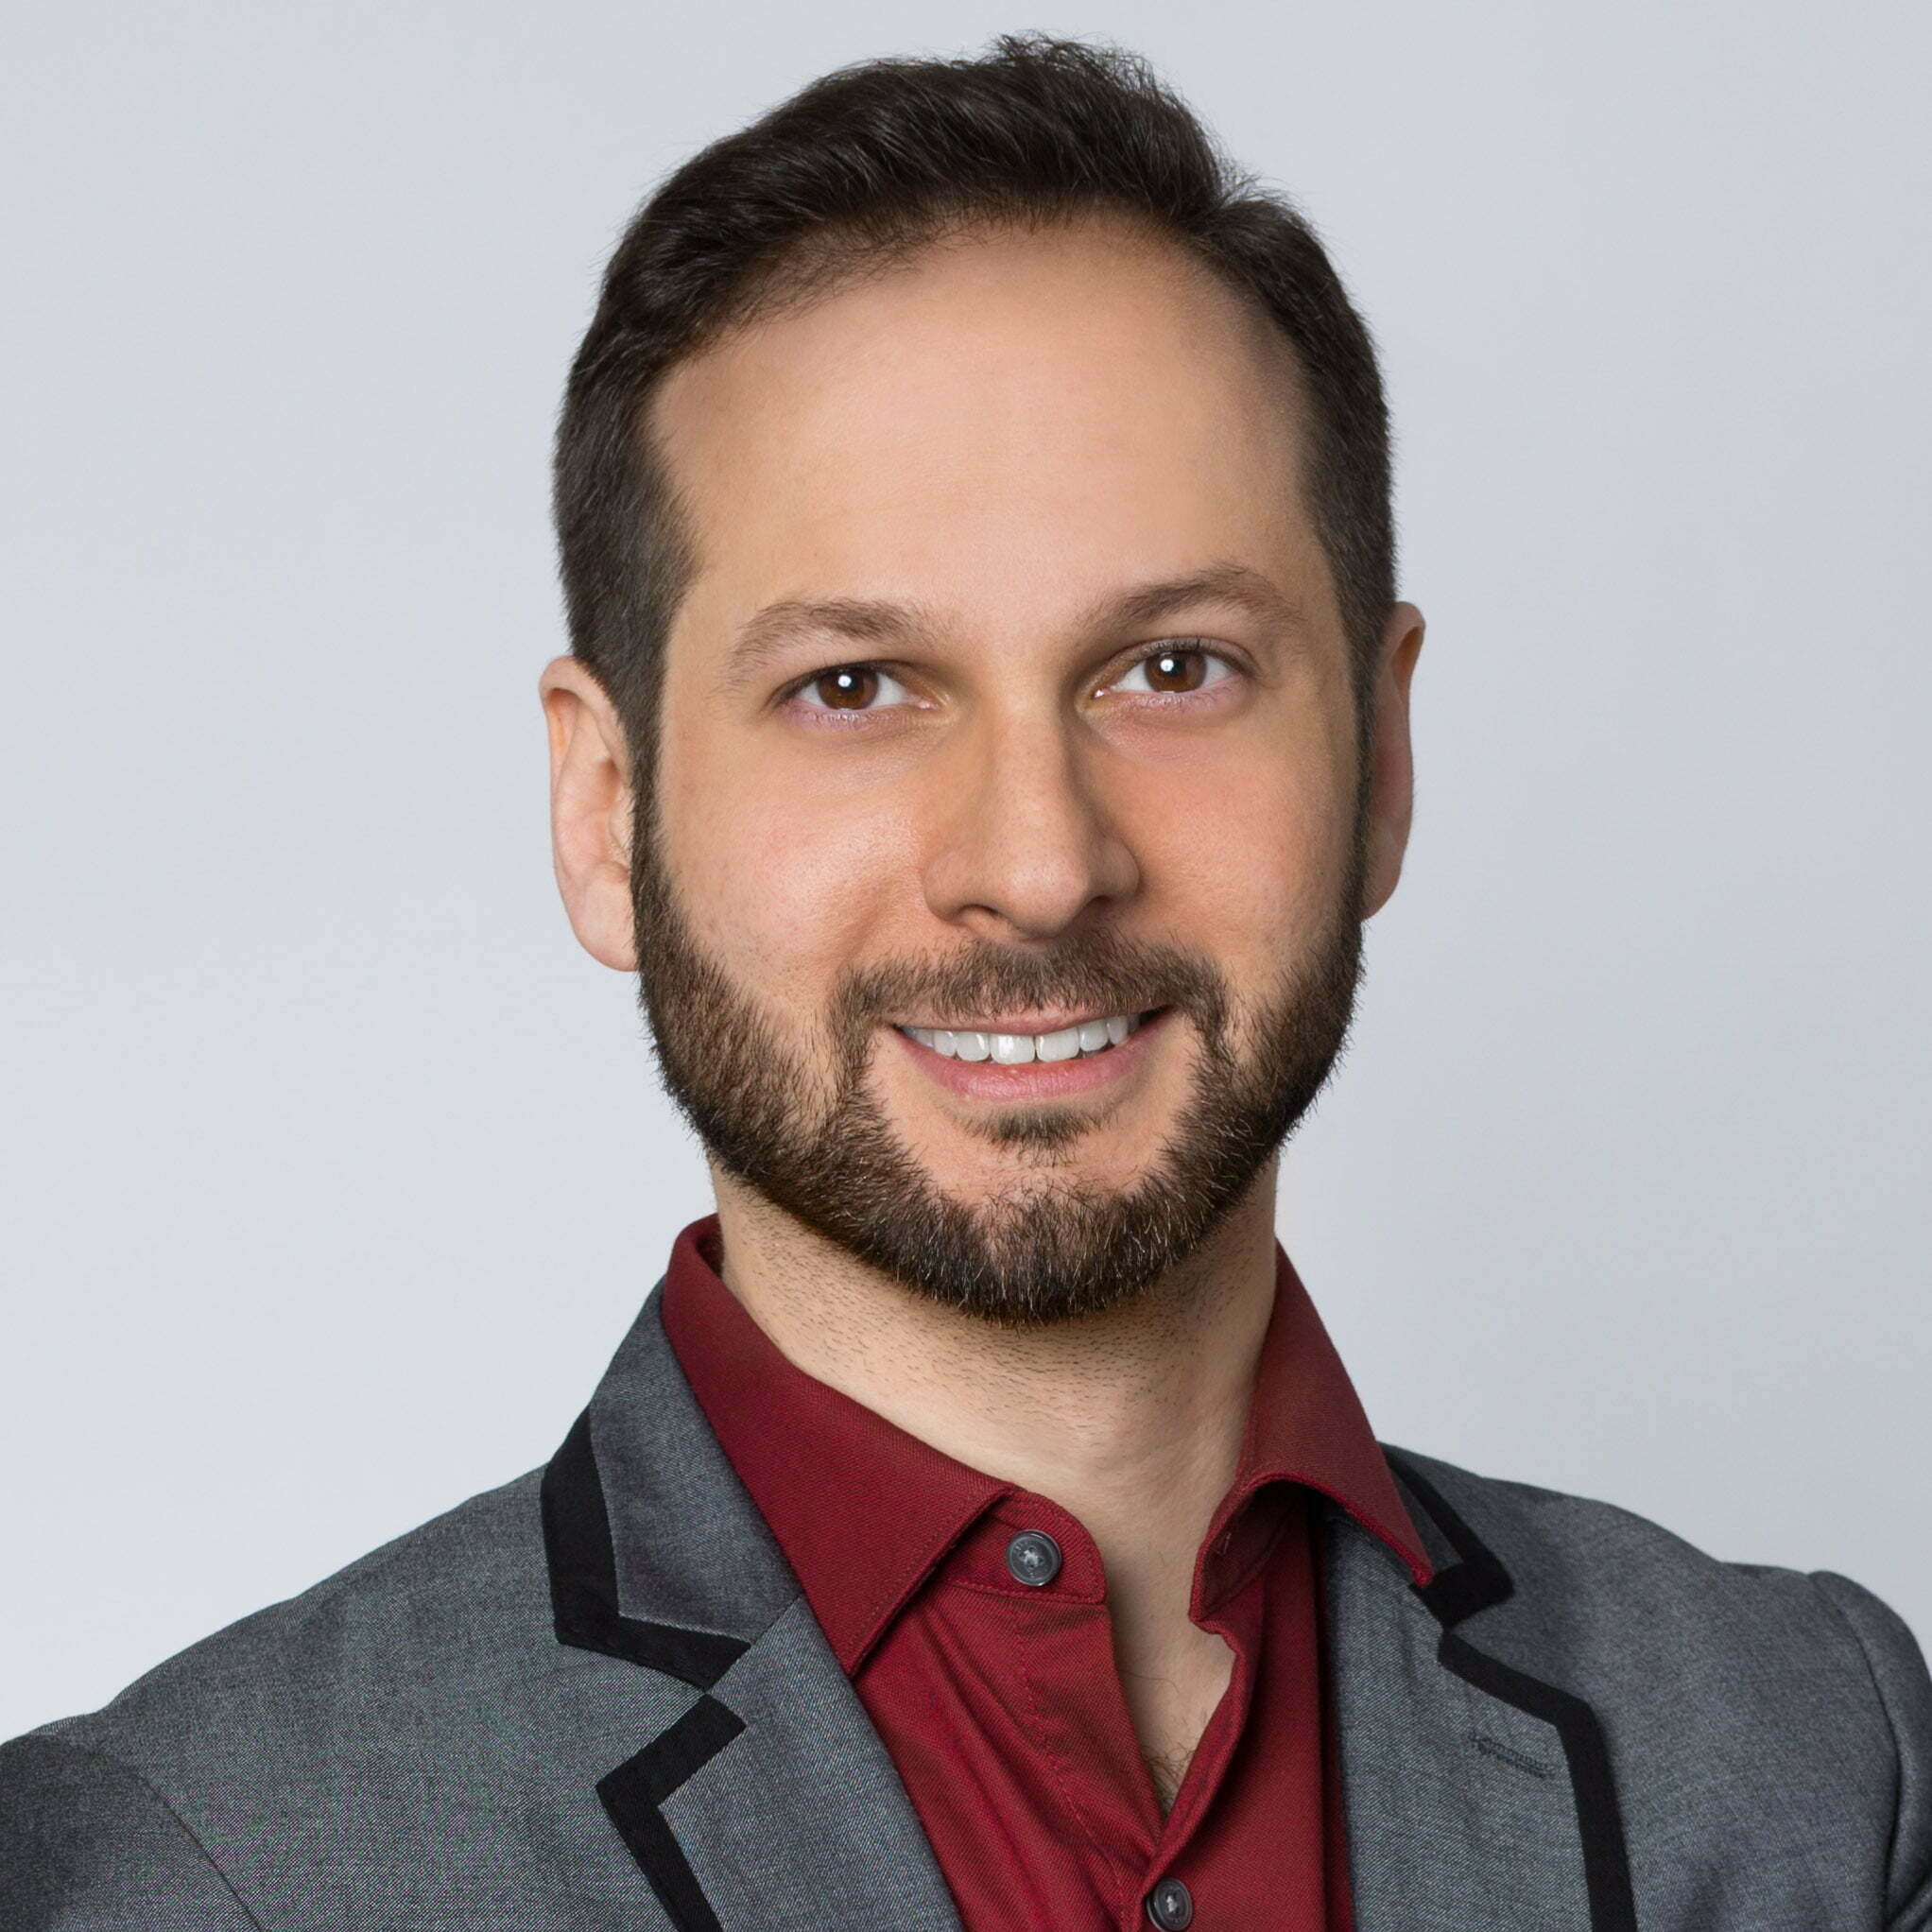 Michael Selais a Senior Associate in the San Francisco office of Berry Appleman & Leiden LLP.